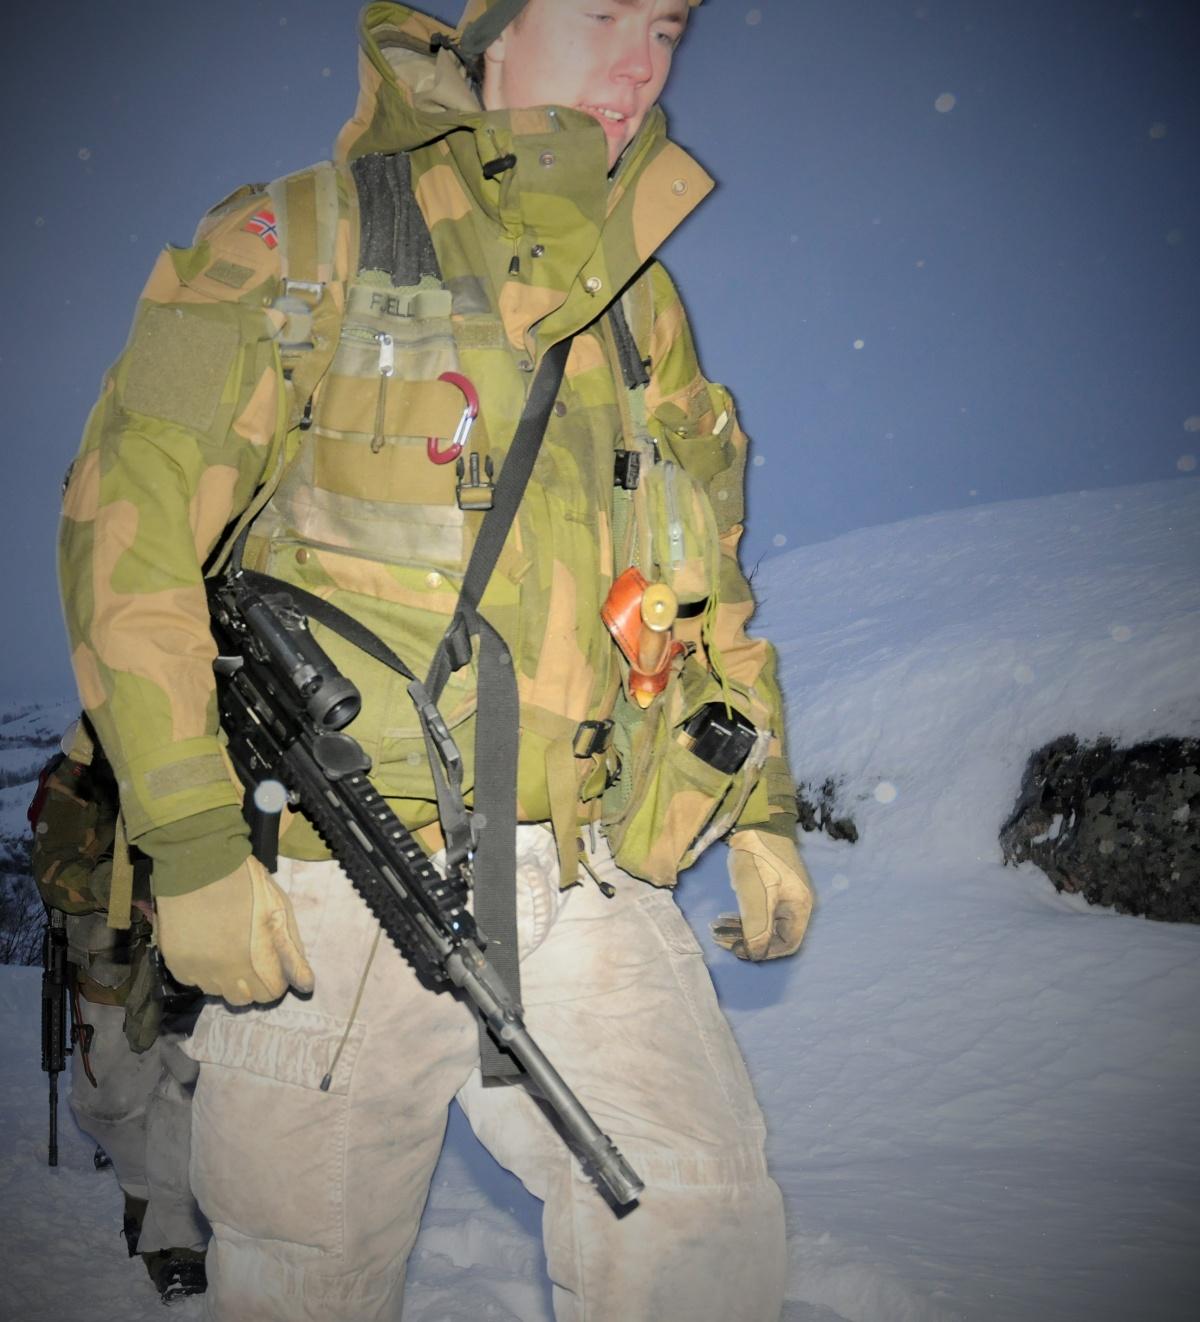 Norwegian soldier in winter uniform. (Thomas Nilsen/Barents Observer)